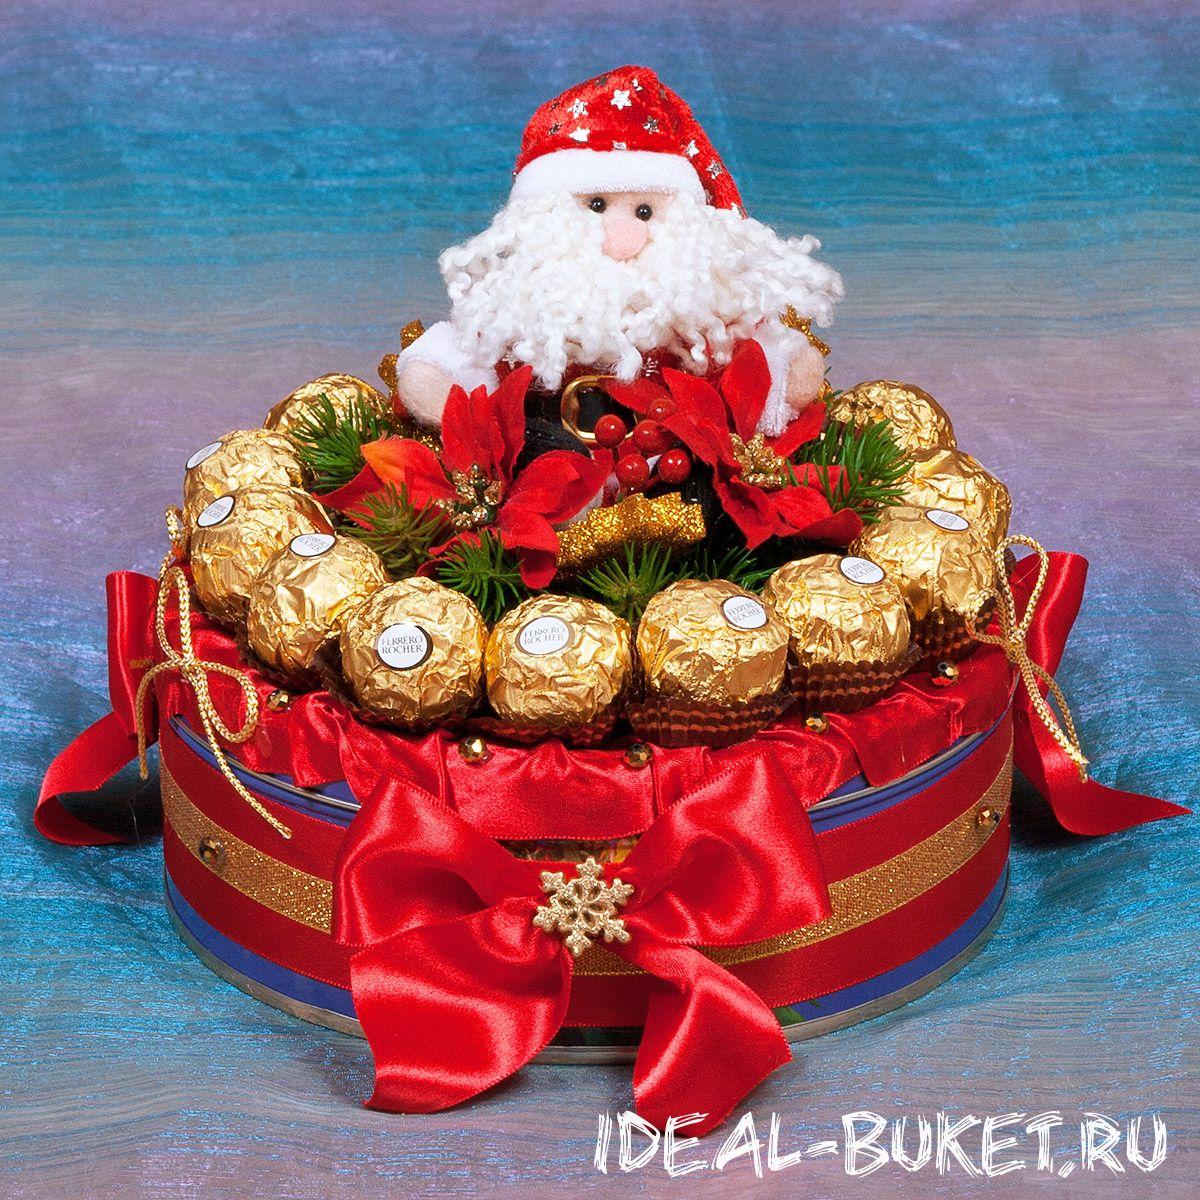 Магазин подарков в Минске. Купить прикольный, оригинальный 69